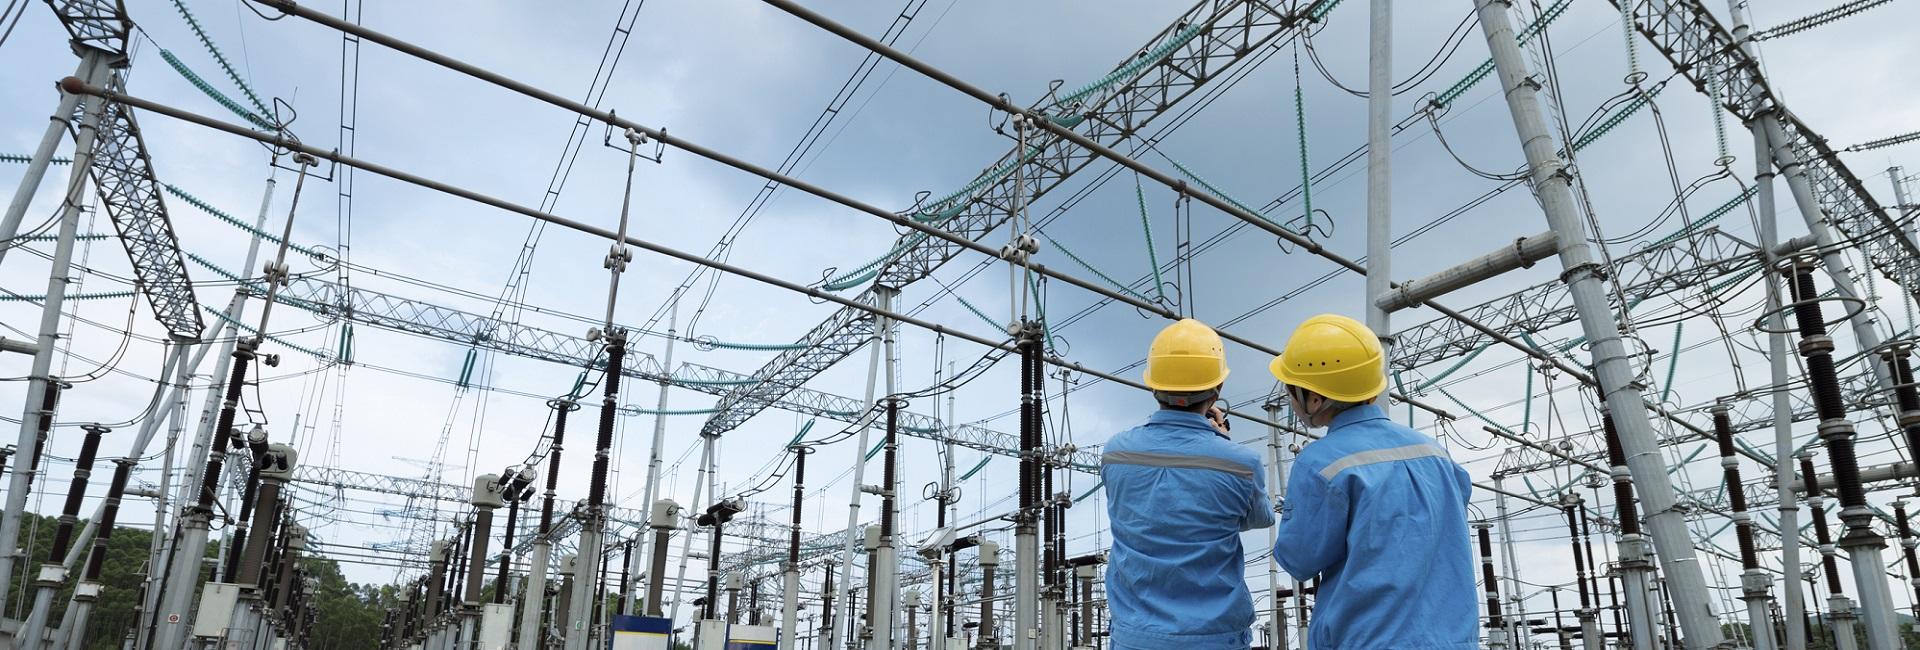 Turvallisuus tulee ensin Oulun Energia Urakointi Oy:ssä